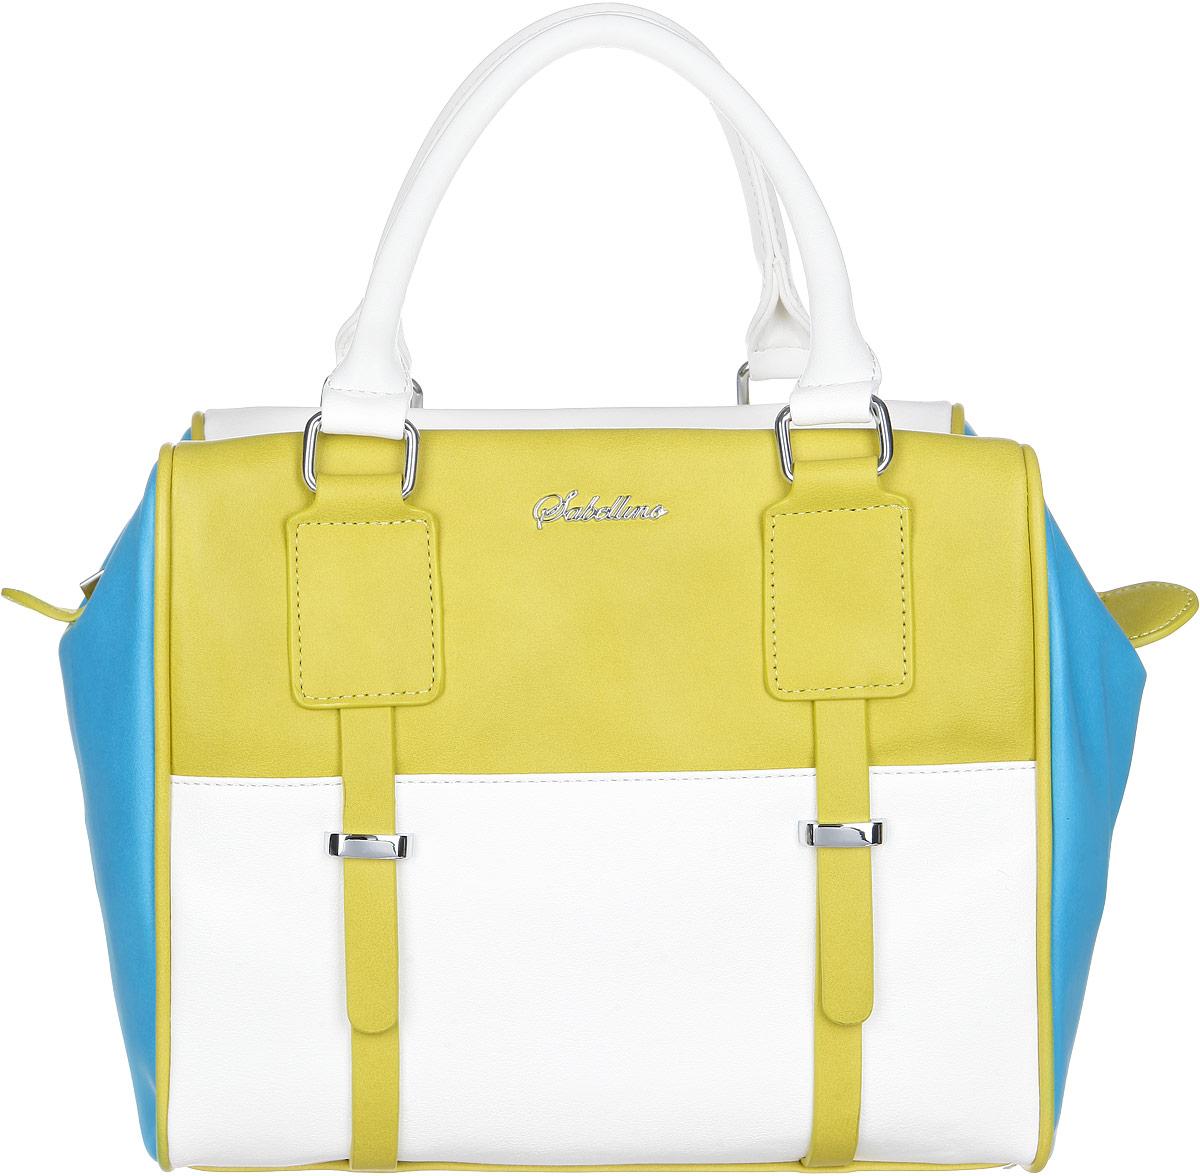 Сумка женская Sabellino, цвет: желтый, белый, голубой. ЖС1510810_30ЖС1510810_30Стильная женская сумка Sabellino выполнена из экокожи контрастных цветов. Лицевая сторона оформлена декоративными ремешками. Изделие имеет одно основное отделение, которое закрывается на застежку-молнию. Внутри находятся два накладных открытых кармана и прорезной карман на застежке-молнии. Снаружи, на задней стенке распложен прорезной карман на застежке-молнии. Изделие оснащено двумя удобными ручками. Такая сумка внесет элегантные нотки в ваш образ и подчеркнет ваше отменное чувство стиля.